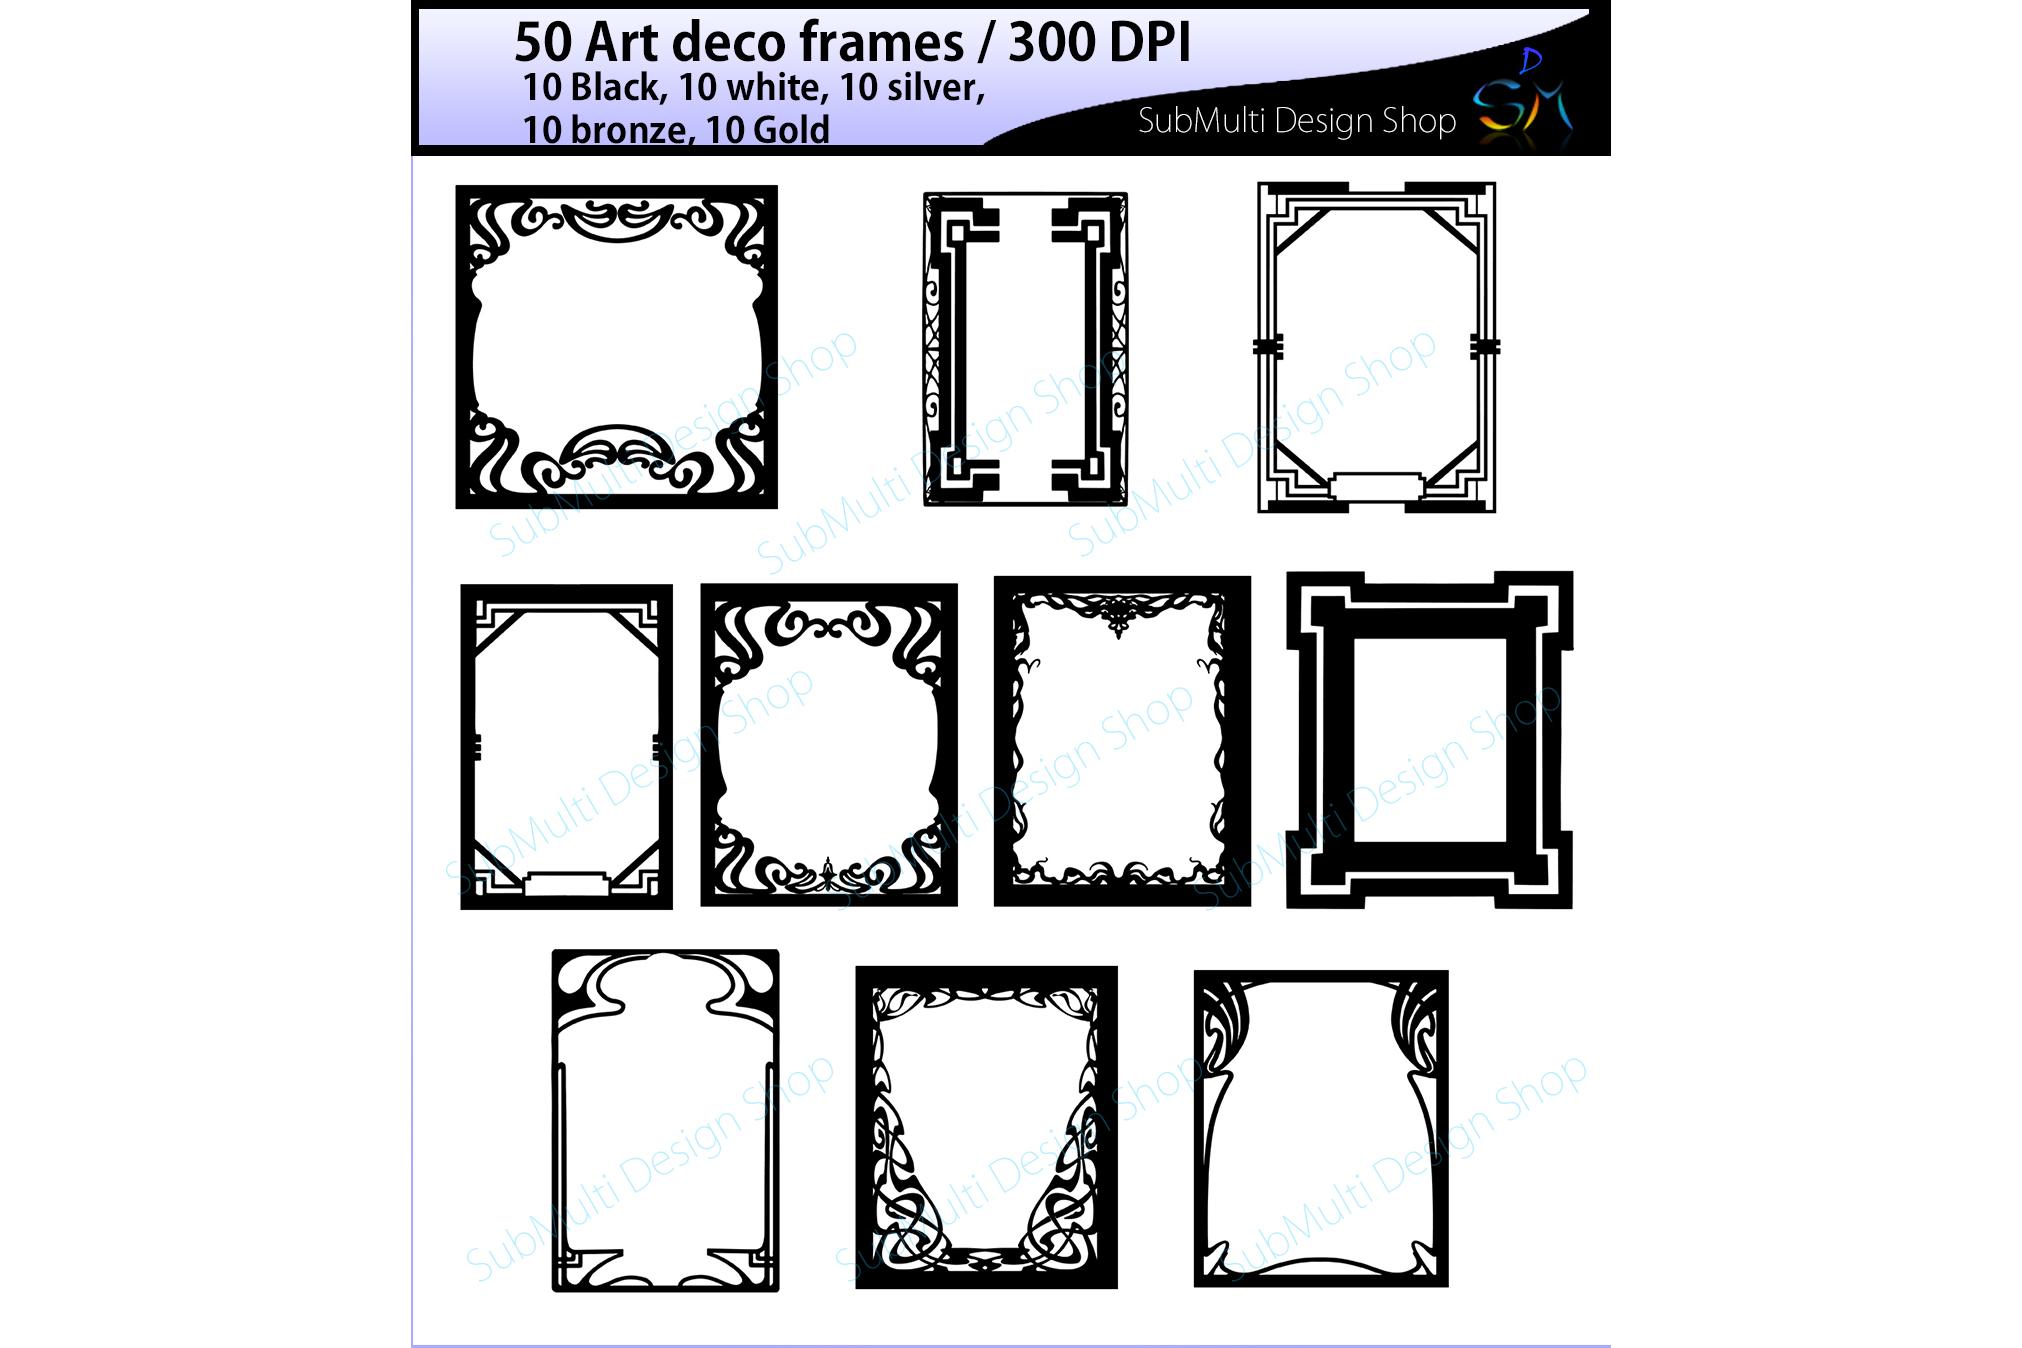 art deco frames / art deco frames clipa   Design Bundles